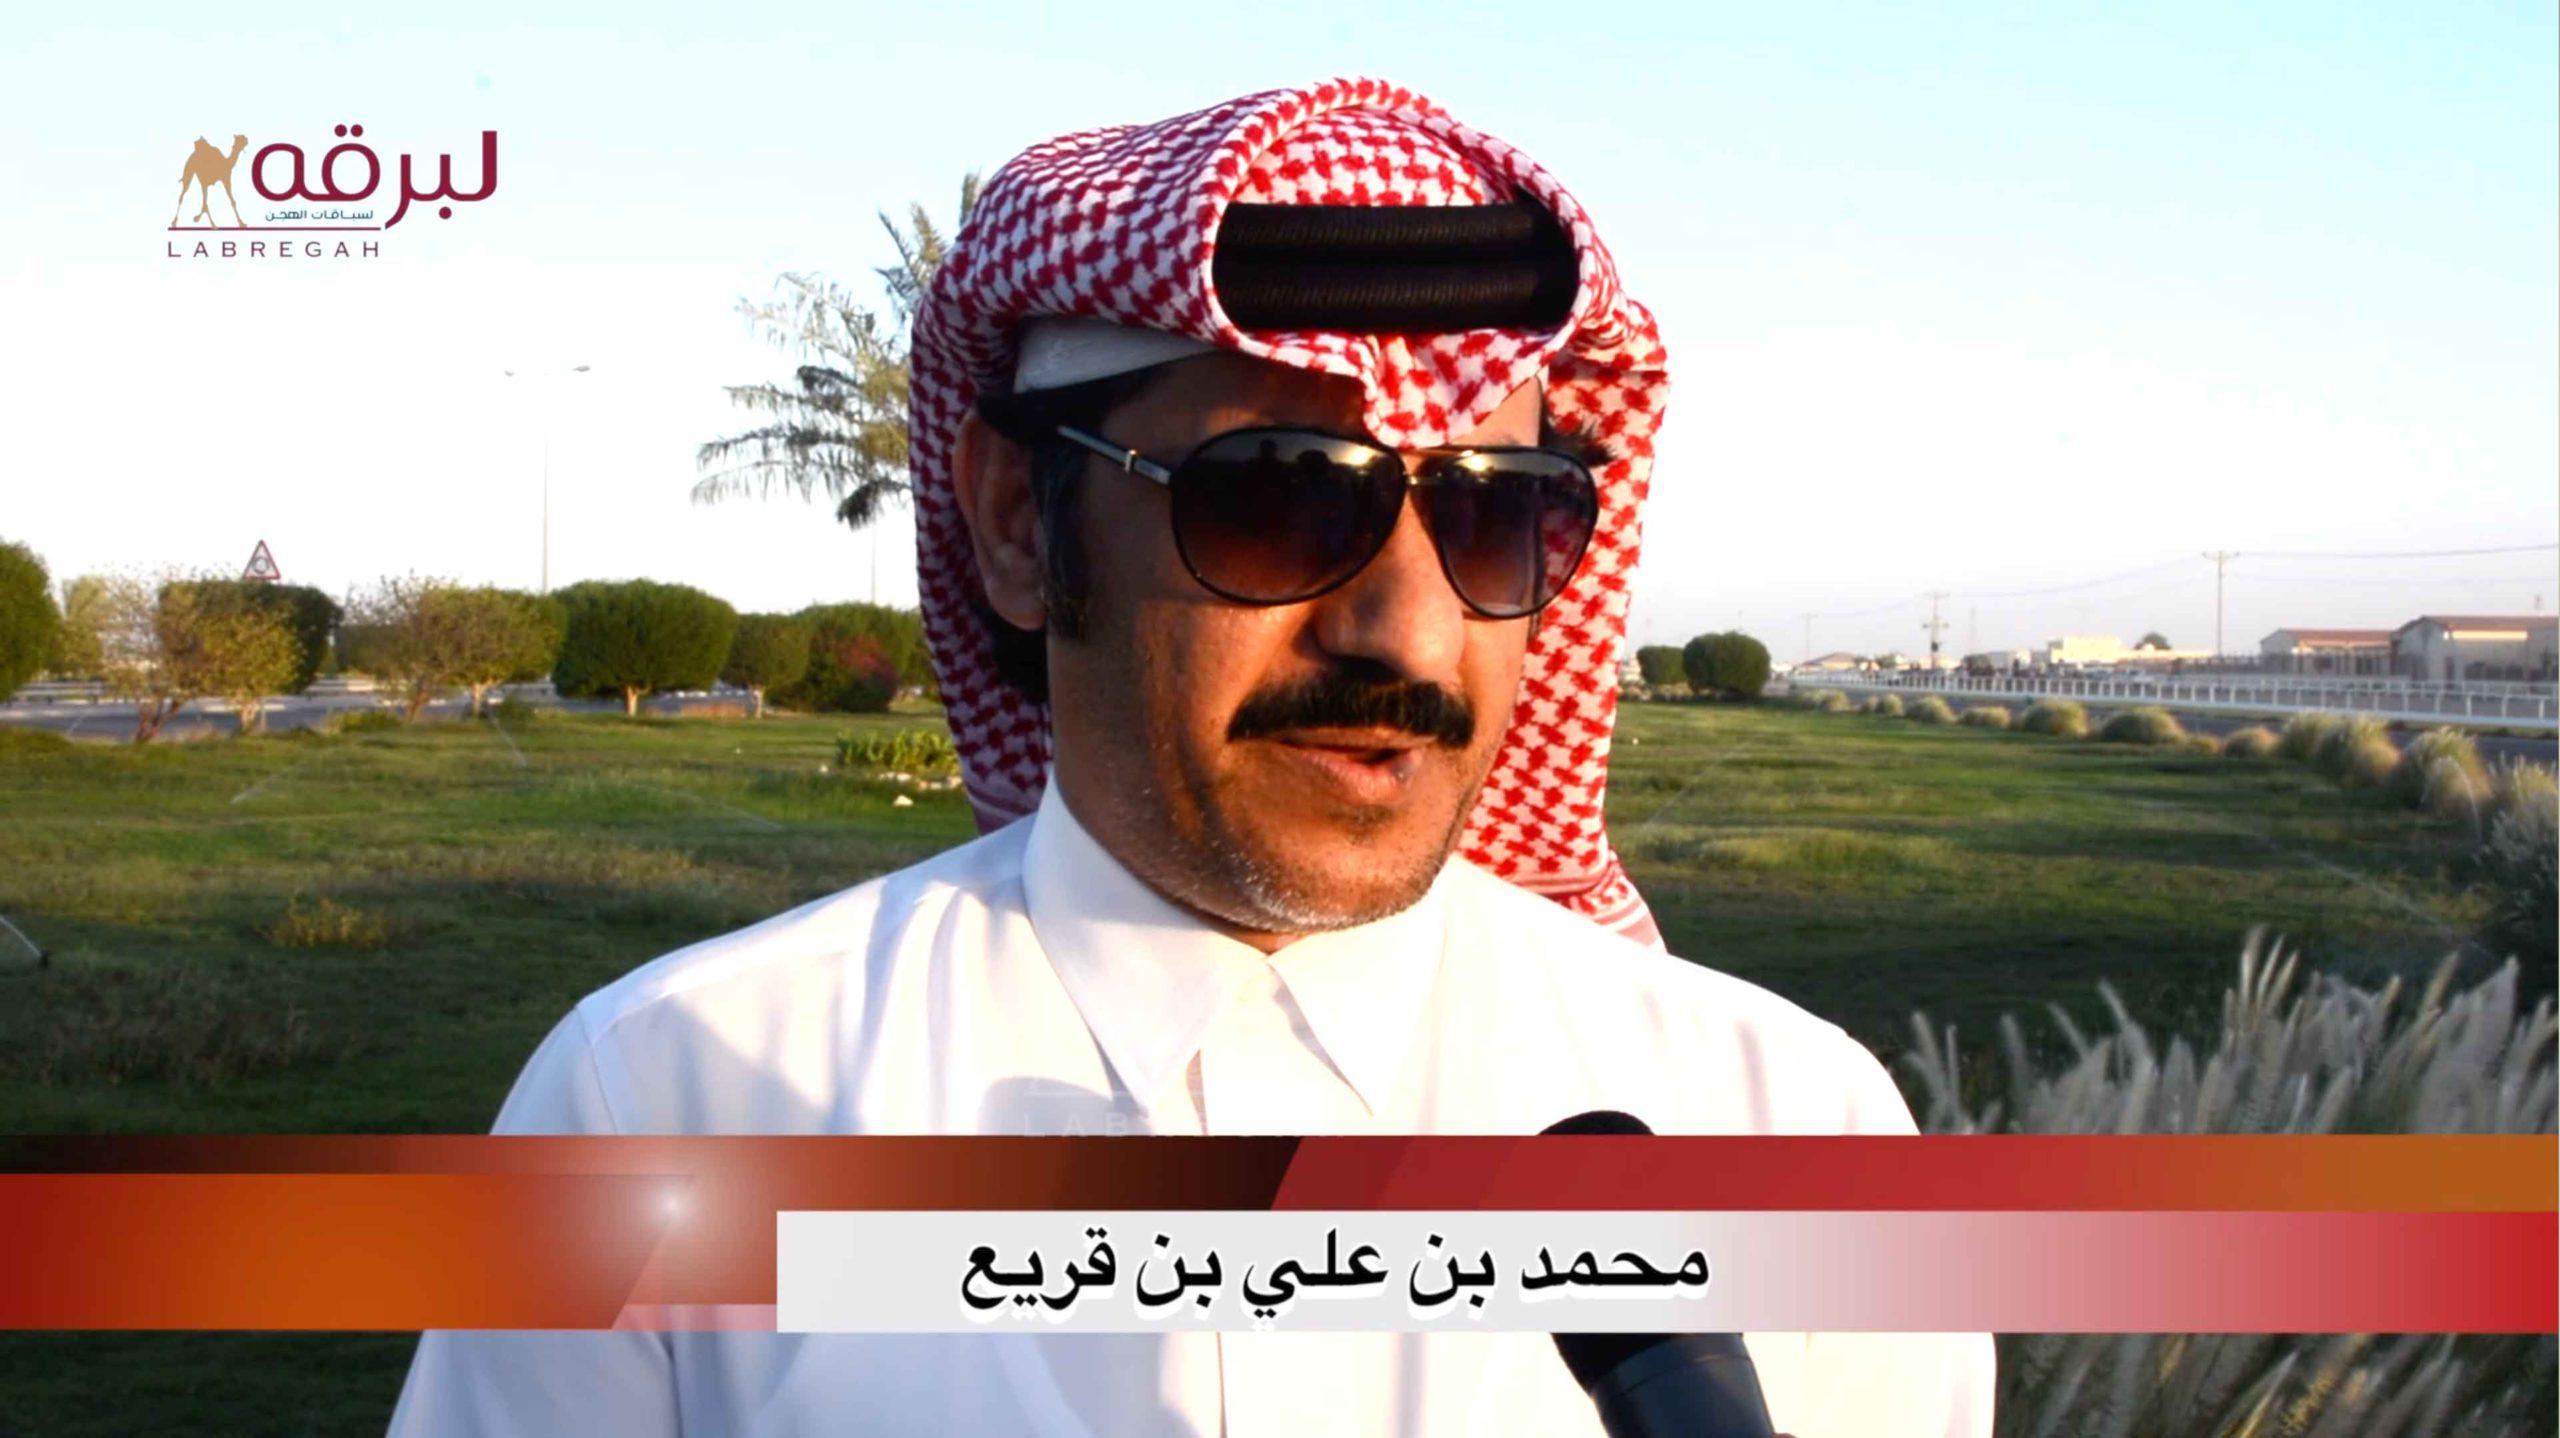 لقاء مع محمد بن علي بن قريع.. الأشواط الرئيسية للقايا (مفتوح) الأشواط العامة مساء ٩-١٠-٢٠٢٠